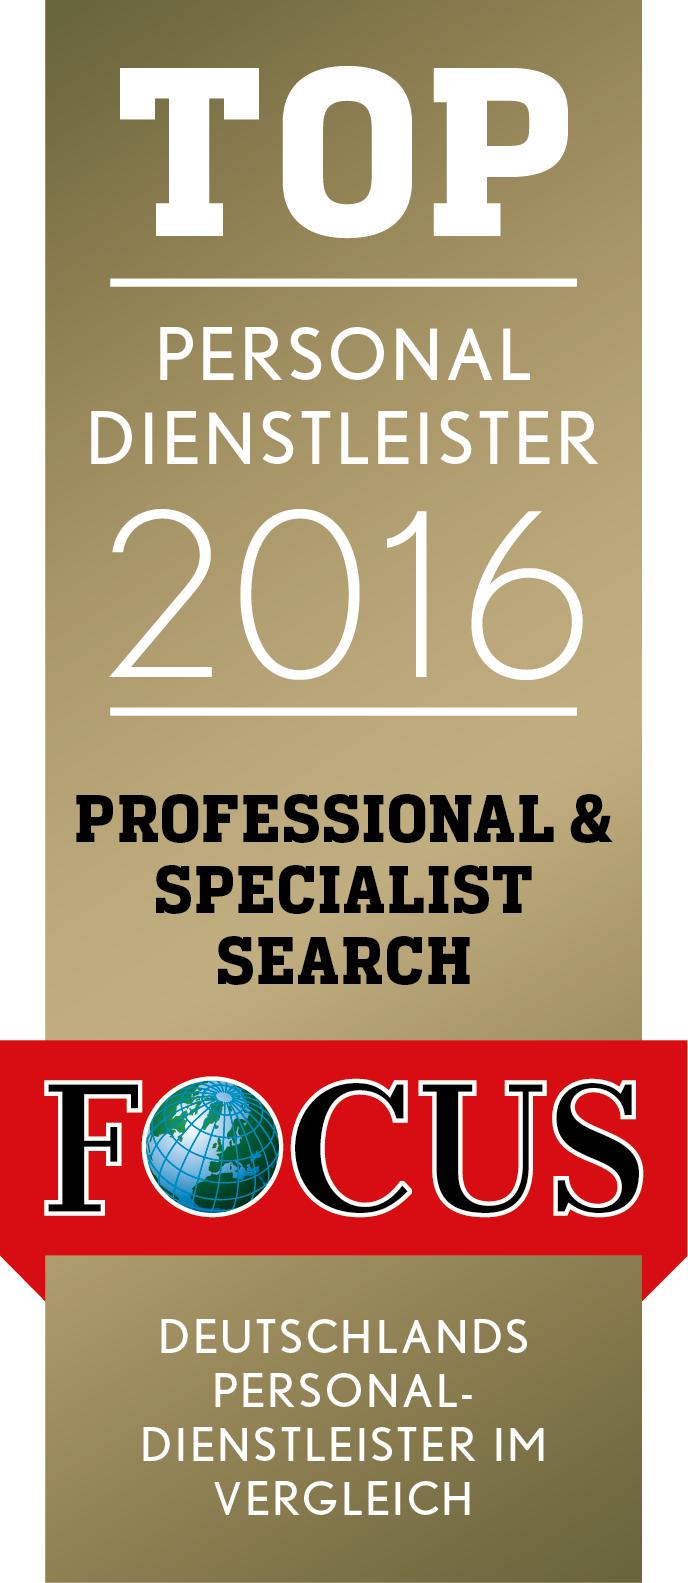 Top Personaldienstleister 2016